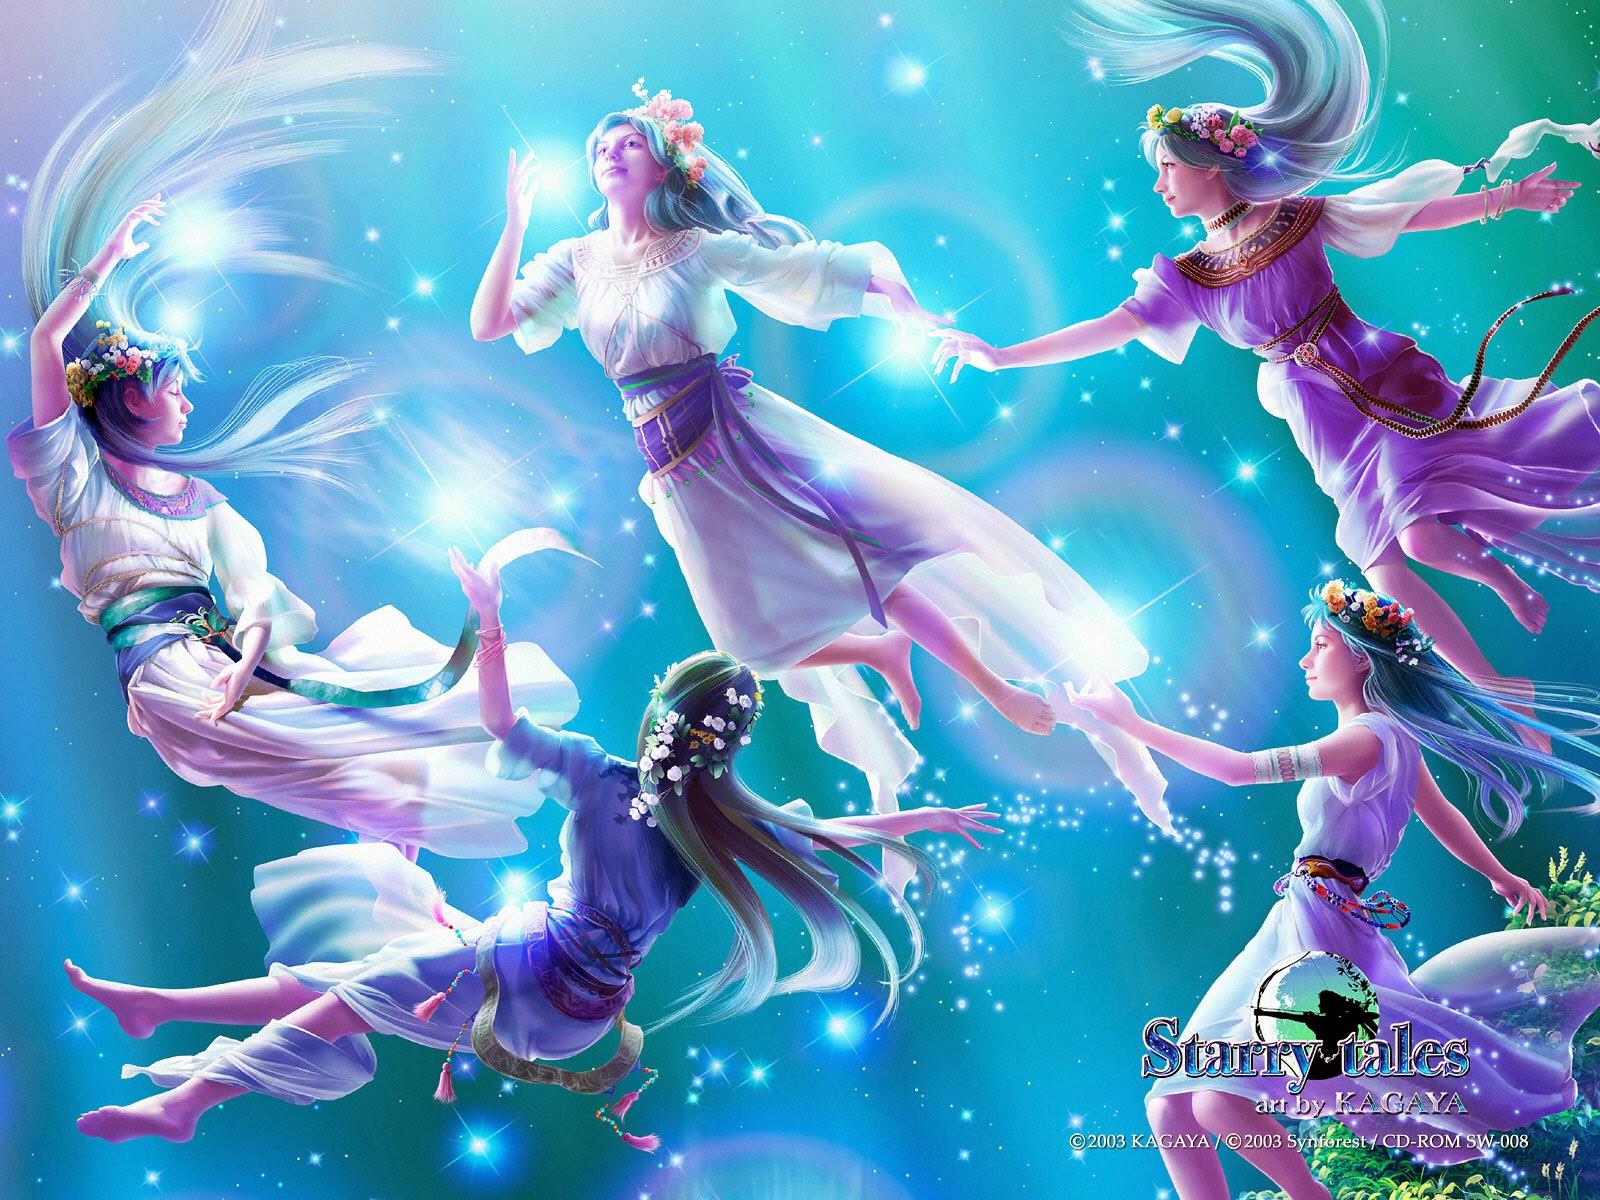 Thời cổ đại, người ta đã tưởng tượng ra các hình ảnh từ việc nối các ngôi  sao sáng lại với nhau, tạo thành các chòm sao trên bầu trời.